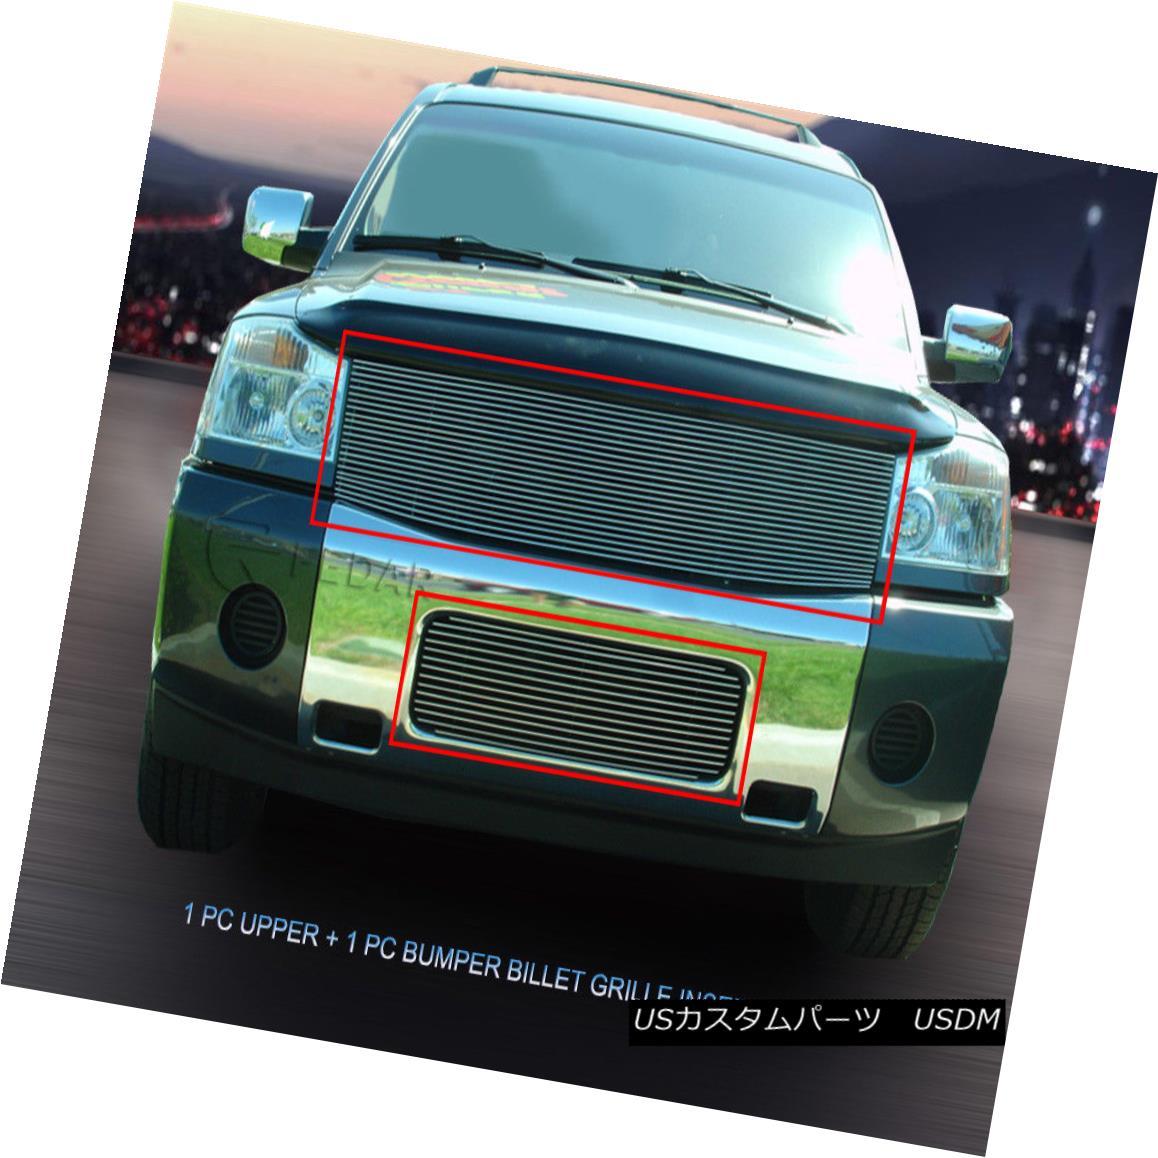 グリル Fedar Fits 2004-2007 Nissan Titan/Armada Polished Billet Grille Combo Fedar Fits 2004-2007 Nissan Titan / Armadaポリッシュビレットグリルコンボ